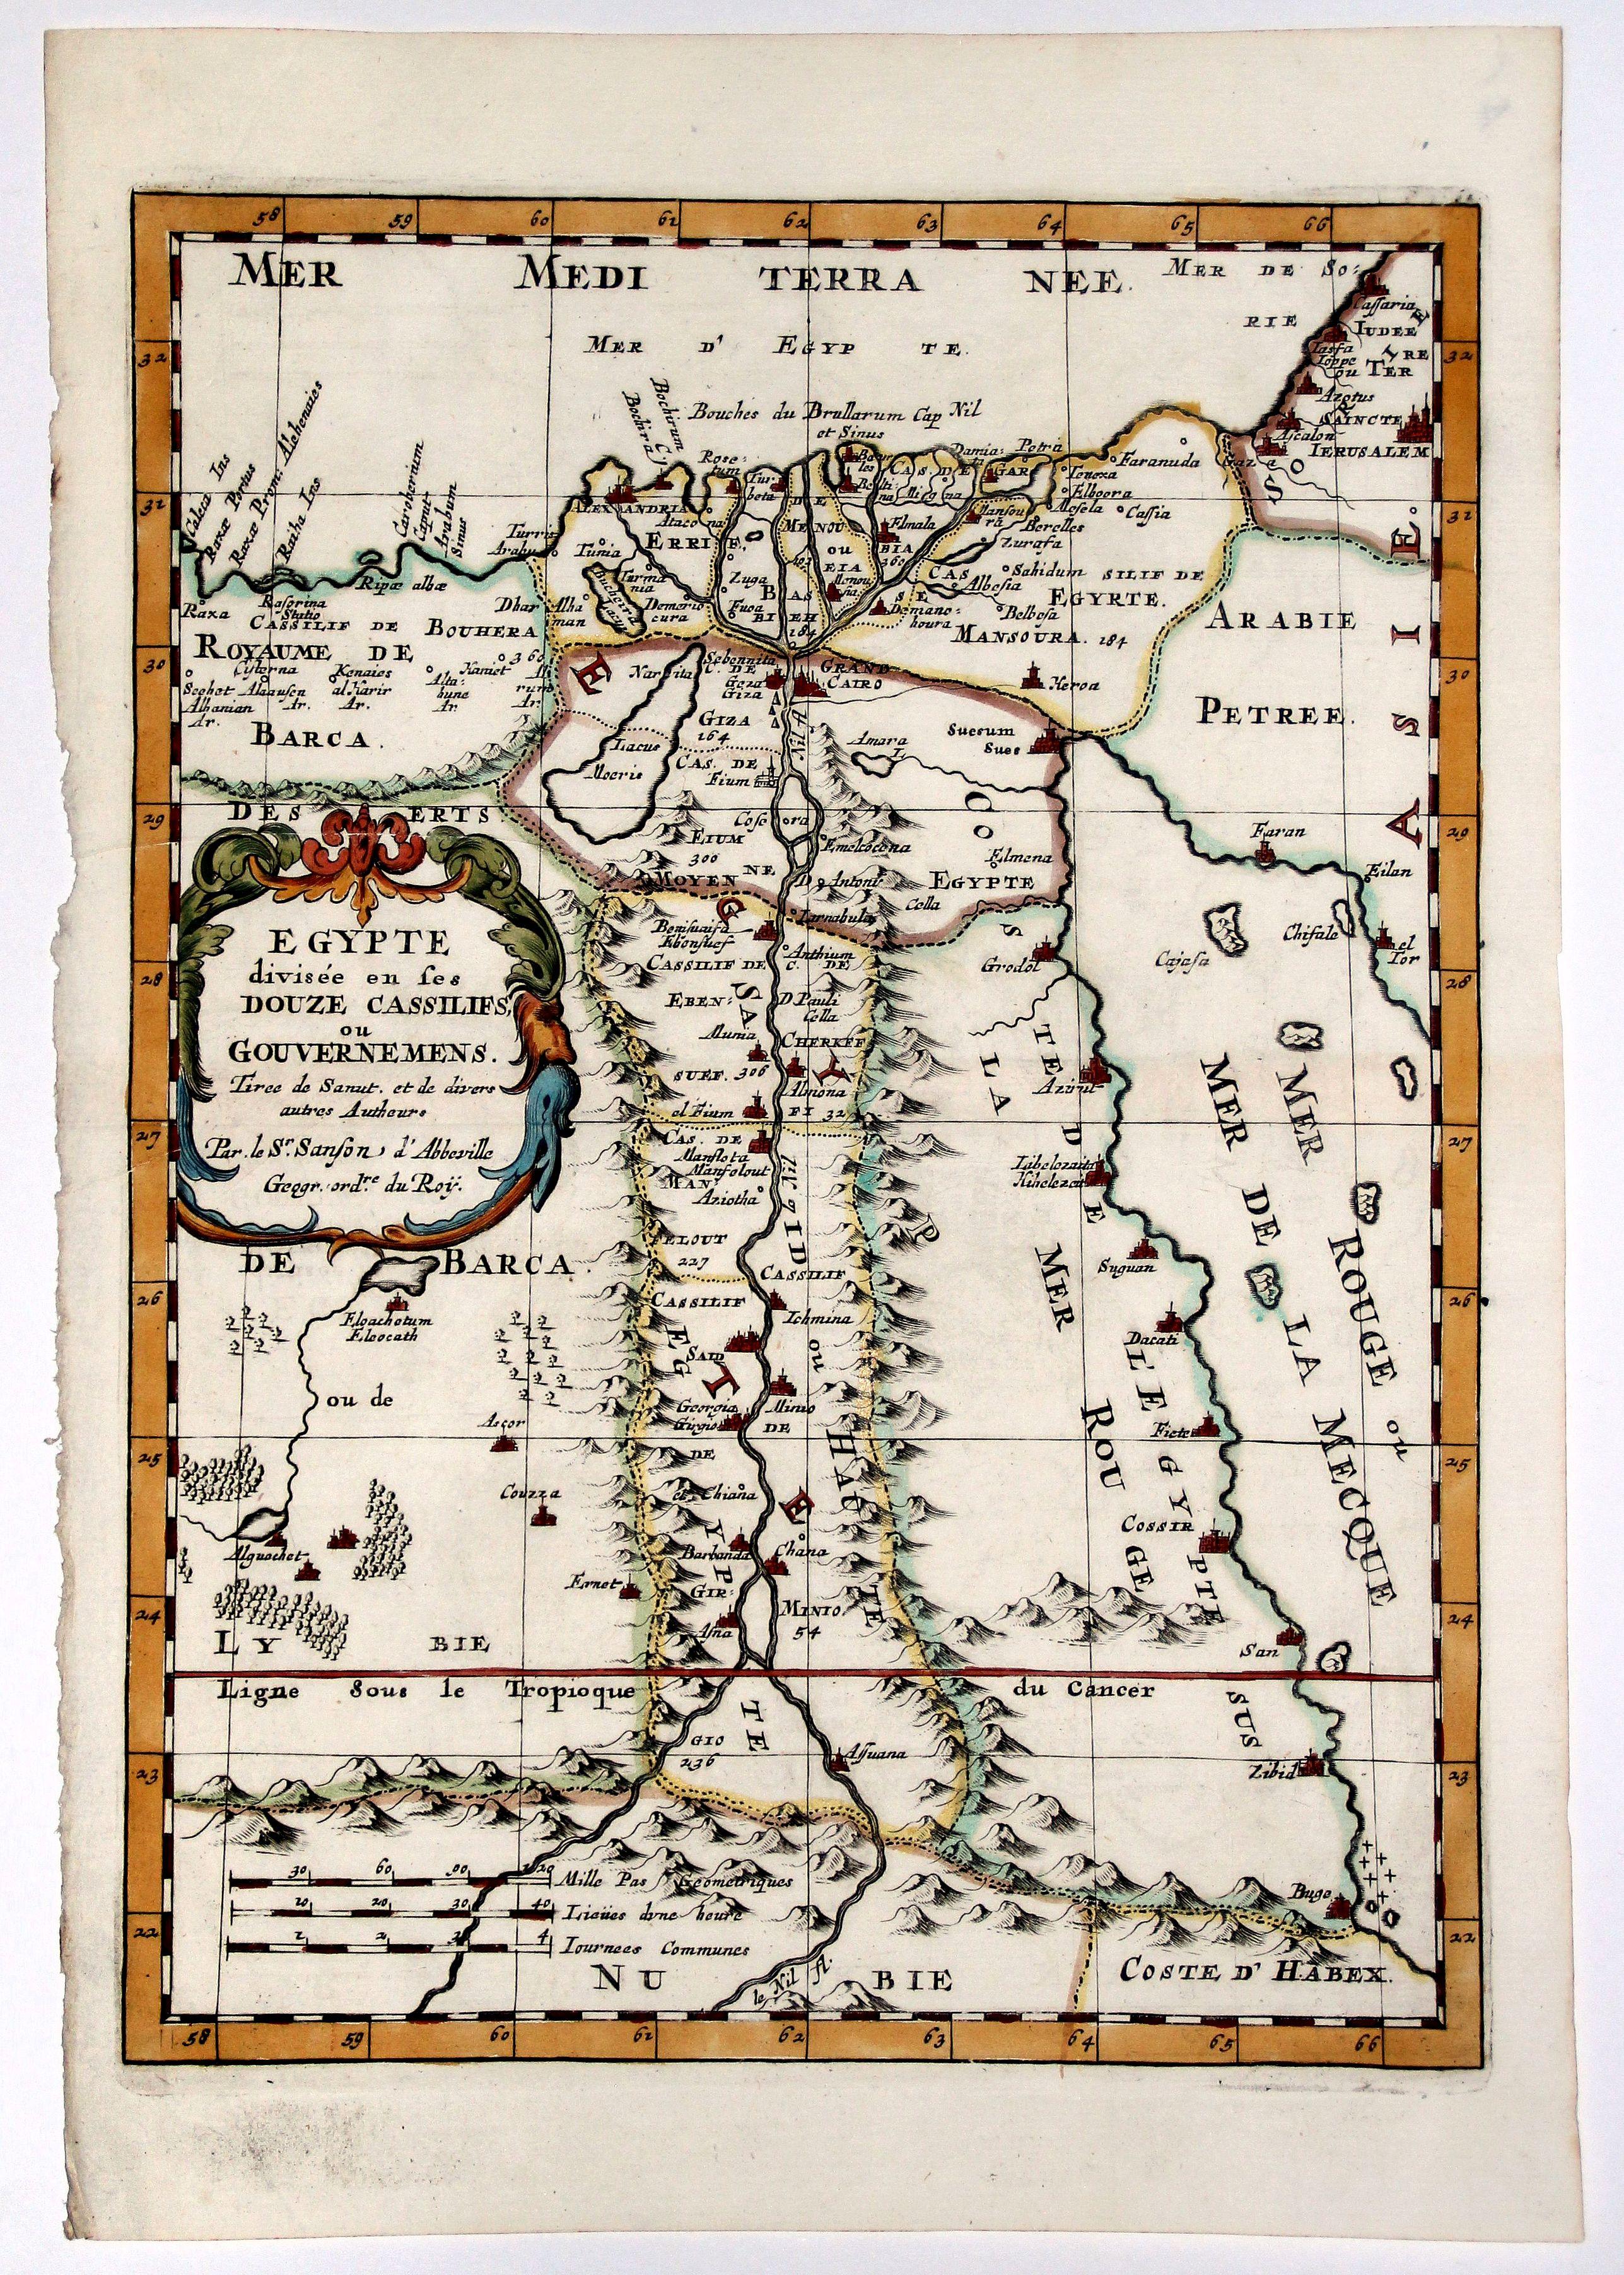 SANSON D'ABBEVILLE, N. - EGYPTE divisee en ses DOUZE CASSILIFS, ou GOUVERNEMENS.